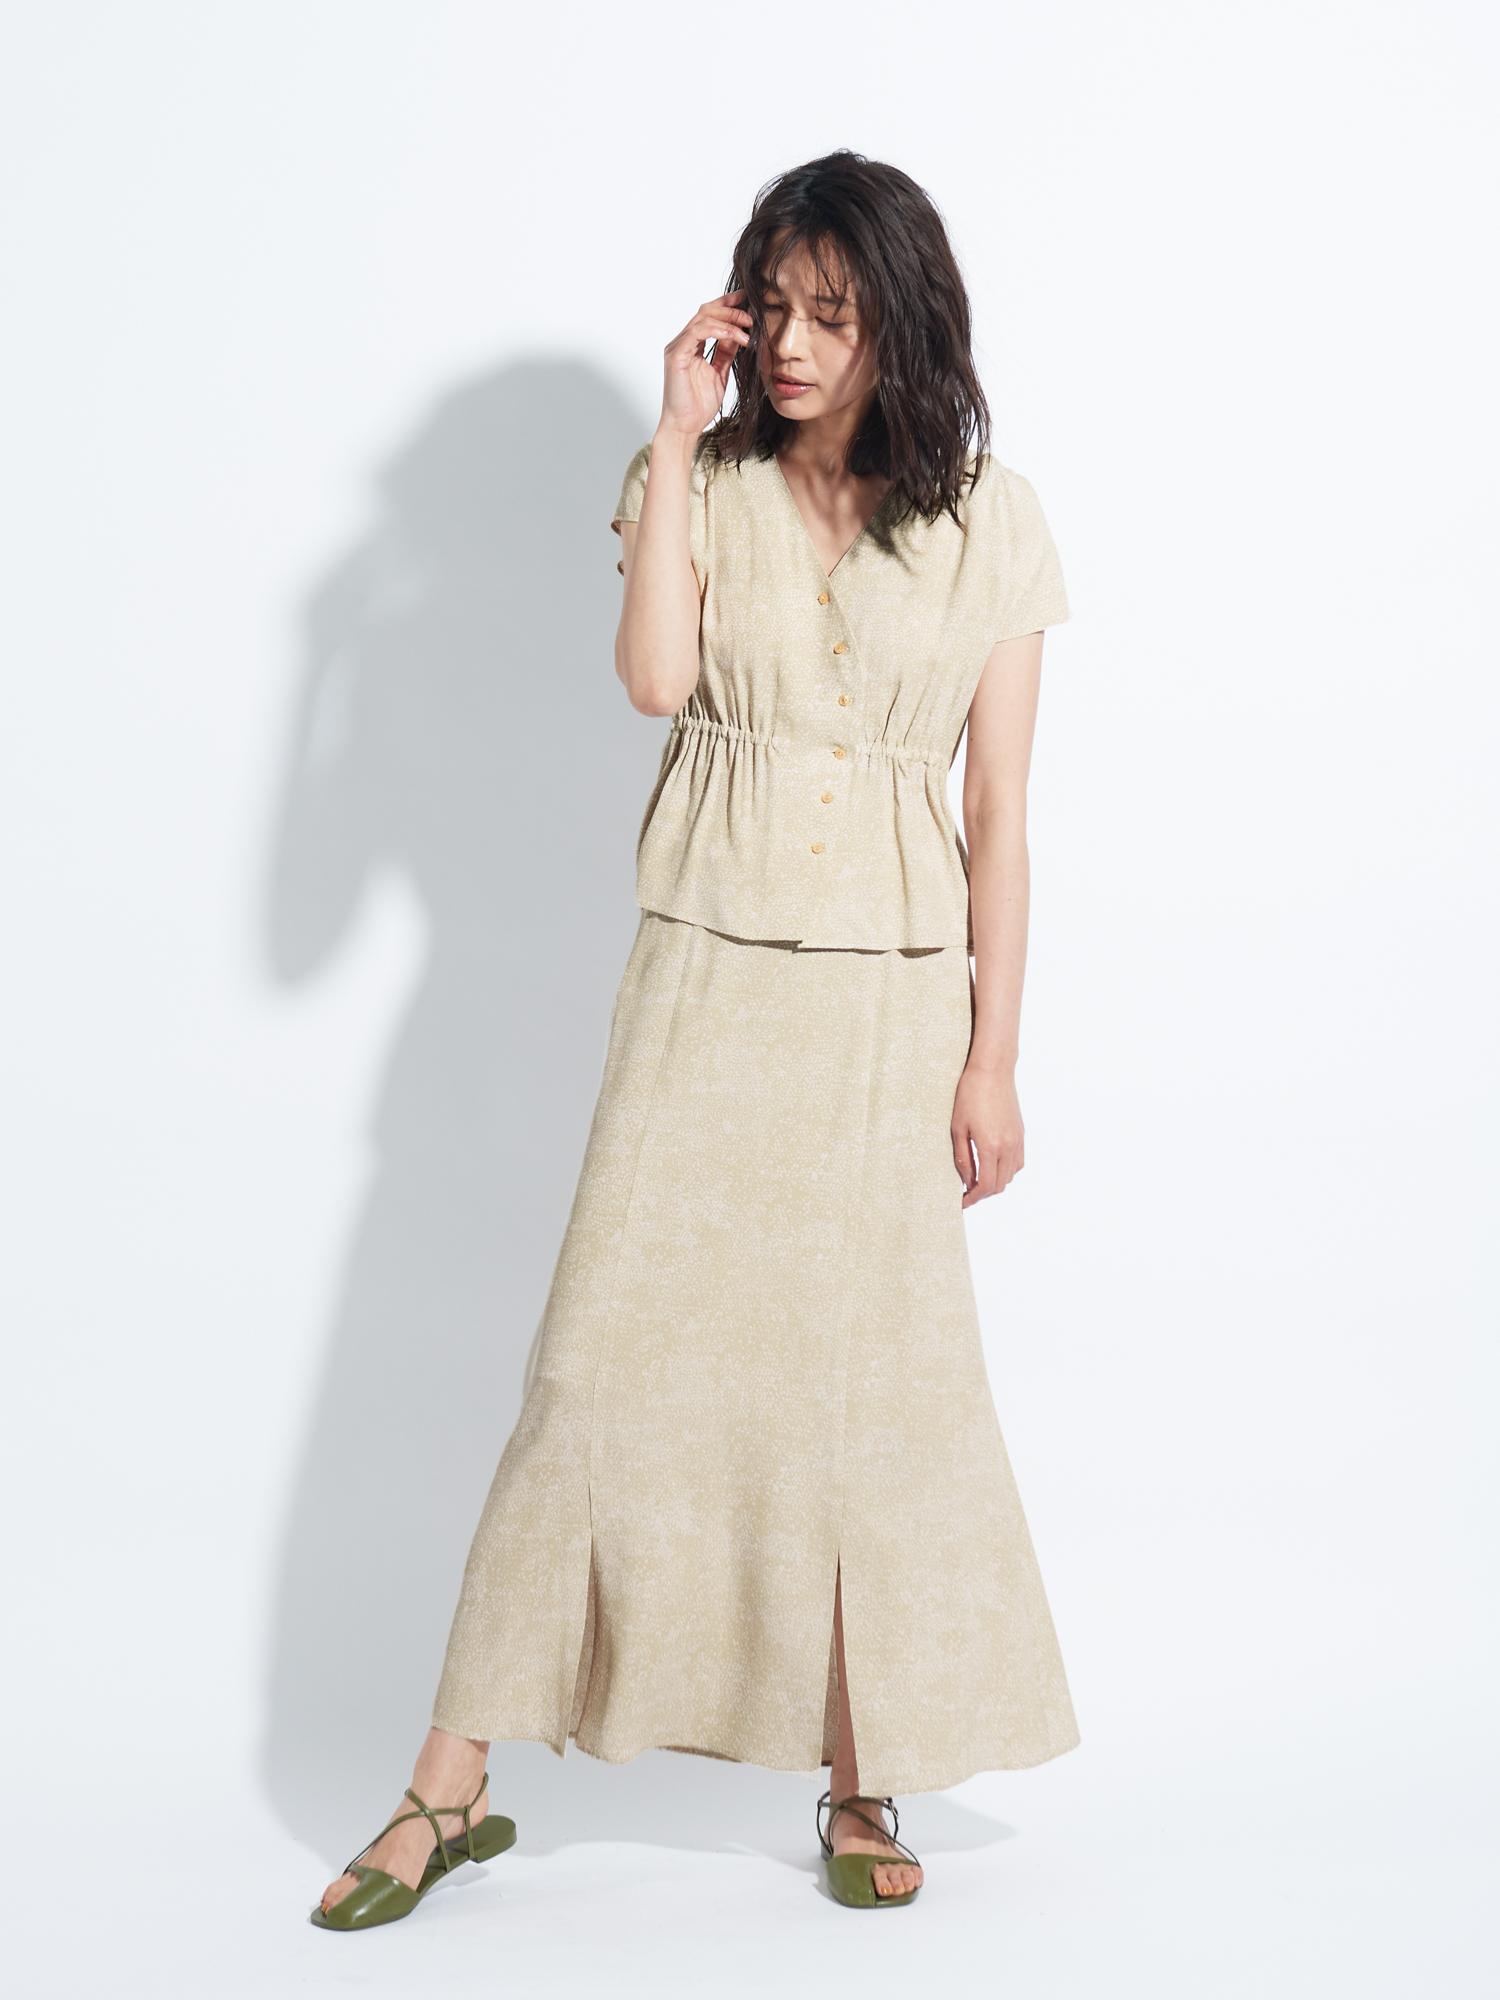 アニマルドットスカート